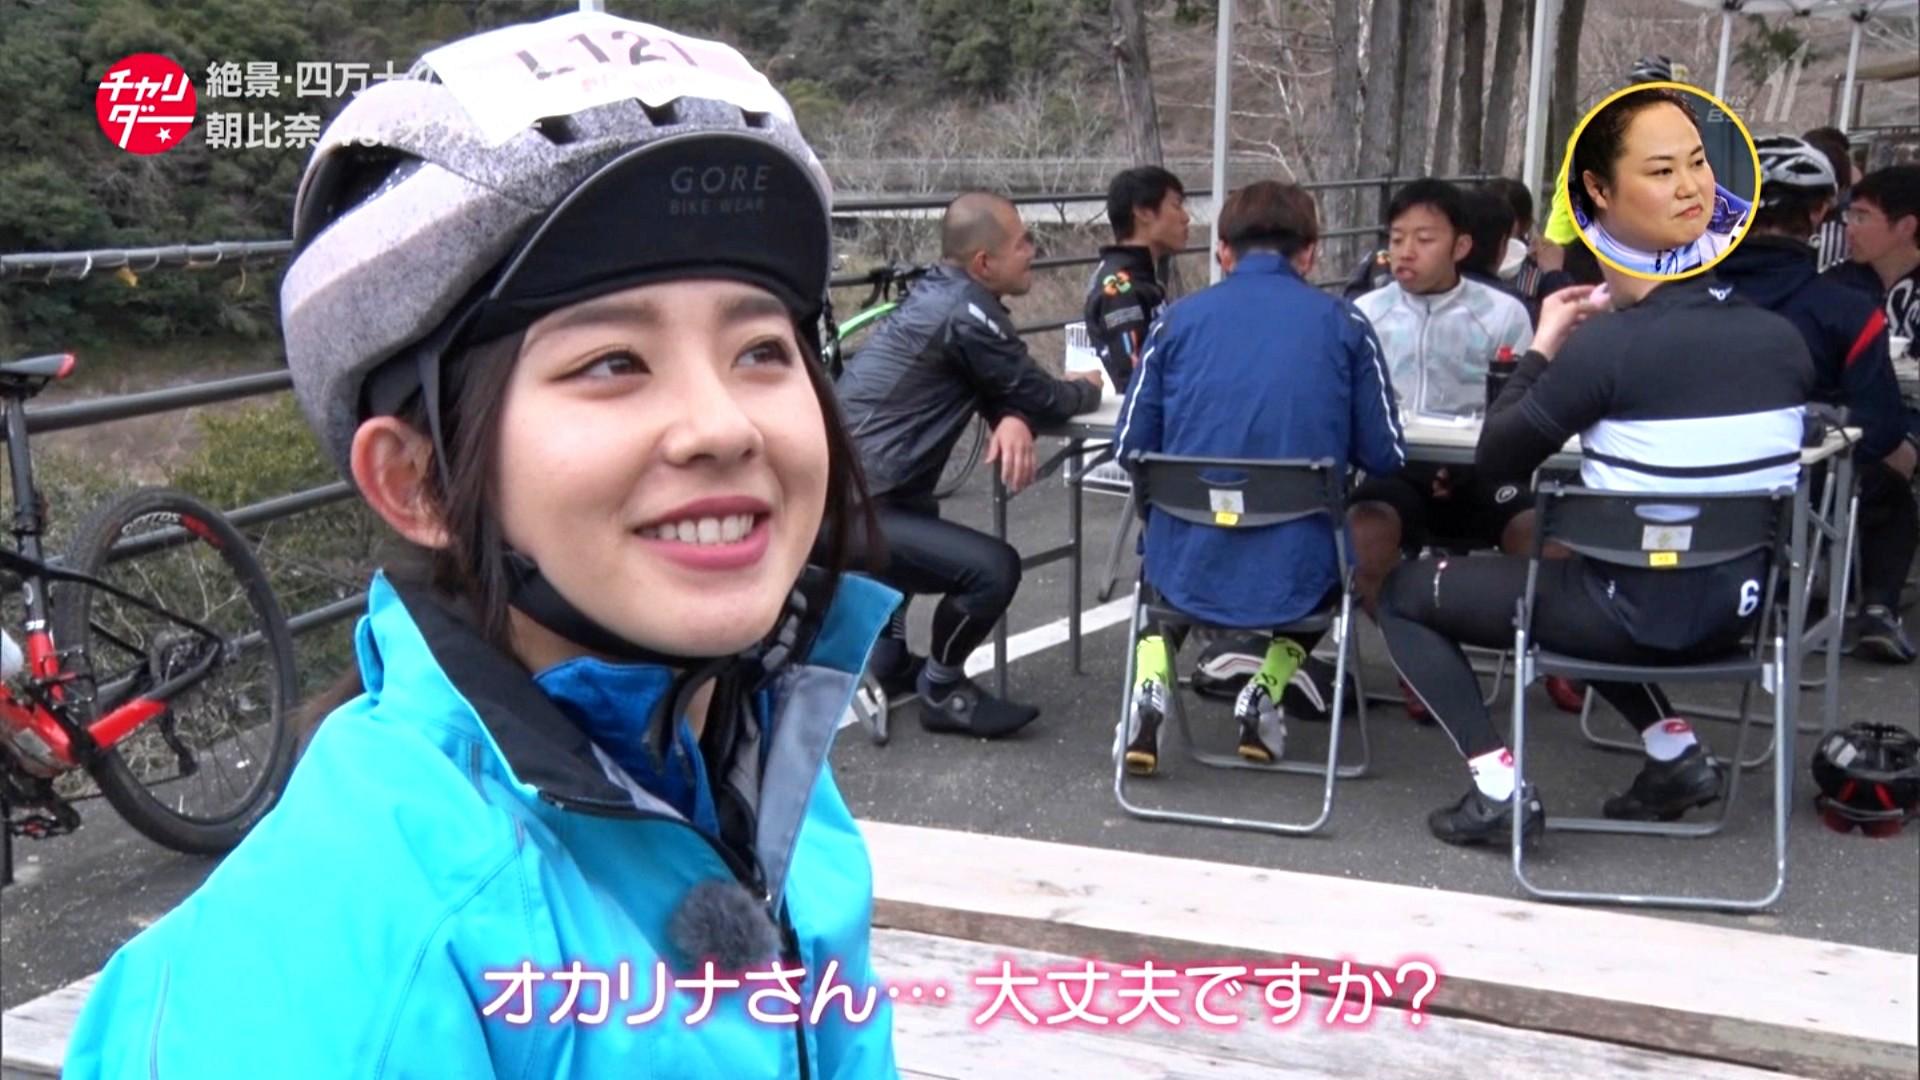 2019年4月20日チャリダー・朝比奈彩さんのテレビキャプチャー画像-082